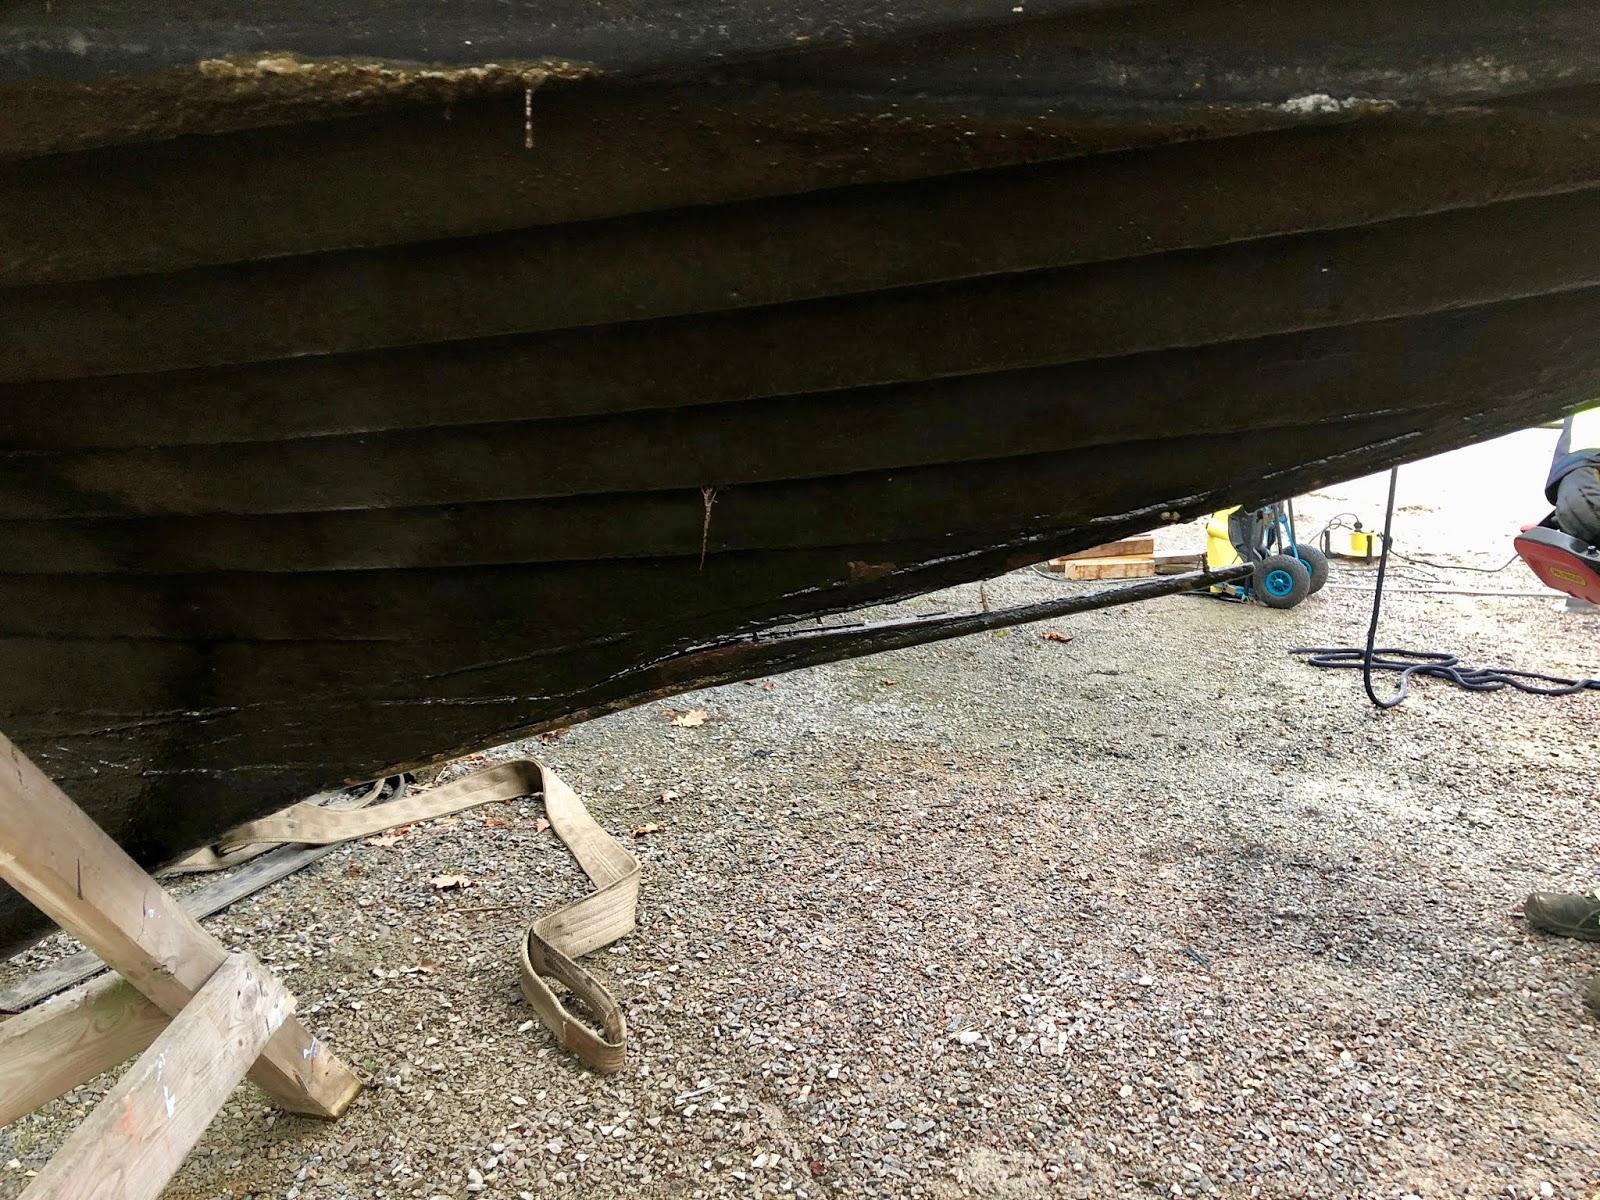 Förtjusande båt. En intressant skada på Pierina. Denna lilla  uthyrnings-folkbåt från Einar Johansson i Norrtälje är kundernas favorit.  Alla älskar henne. a5438d7d8bd0d